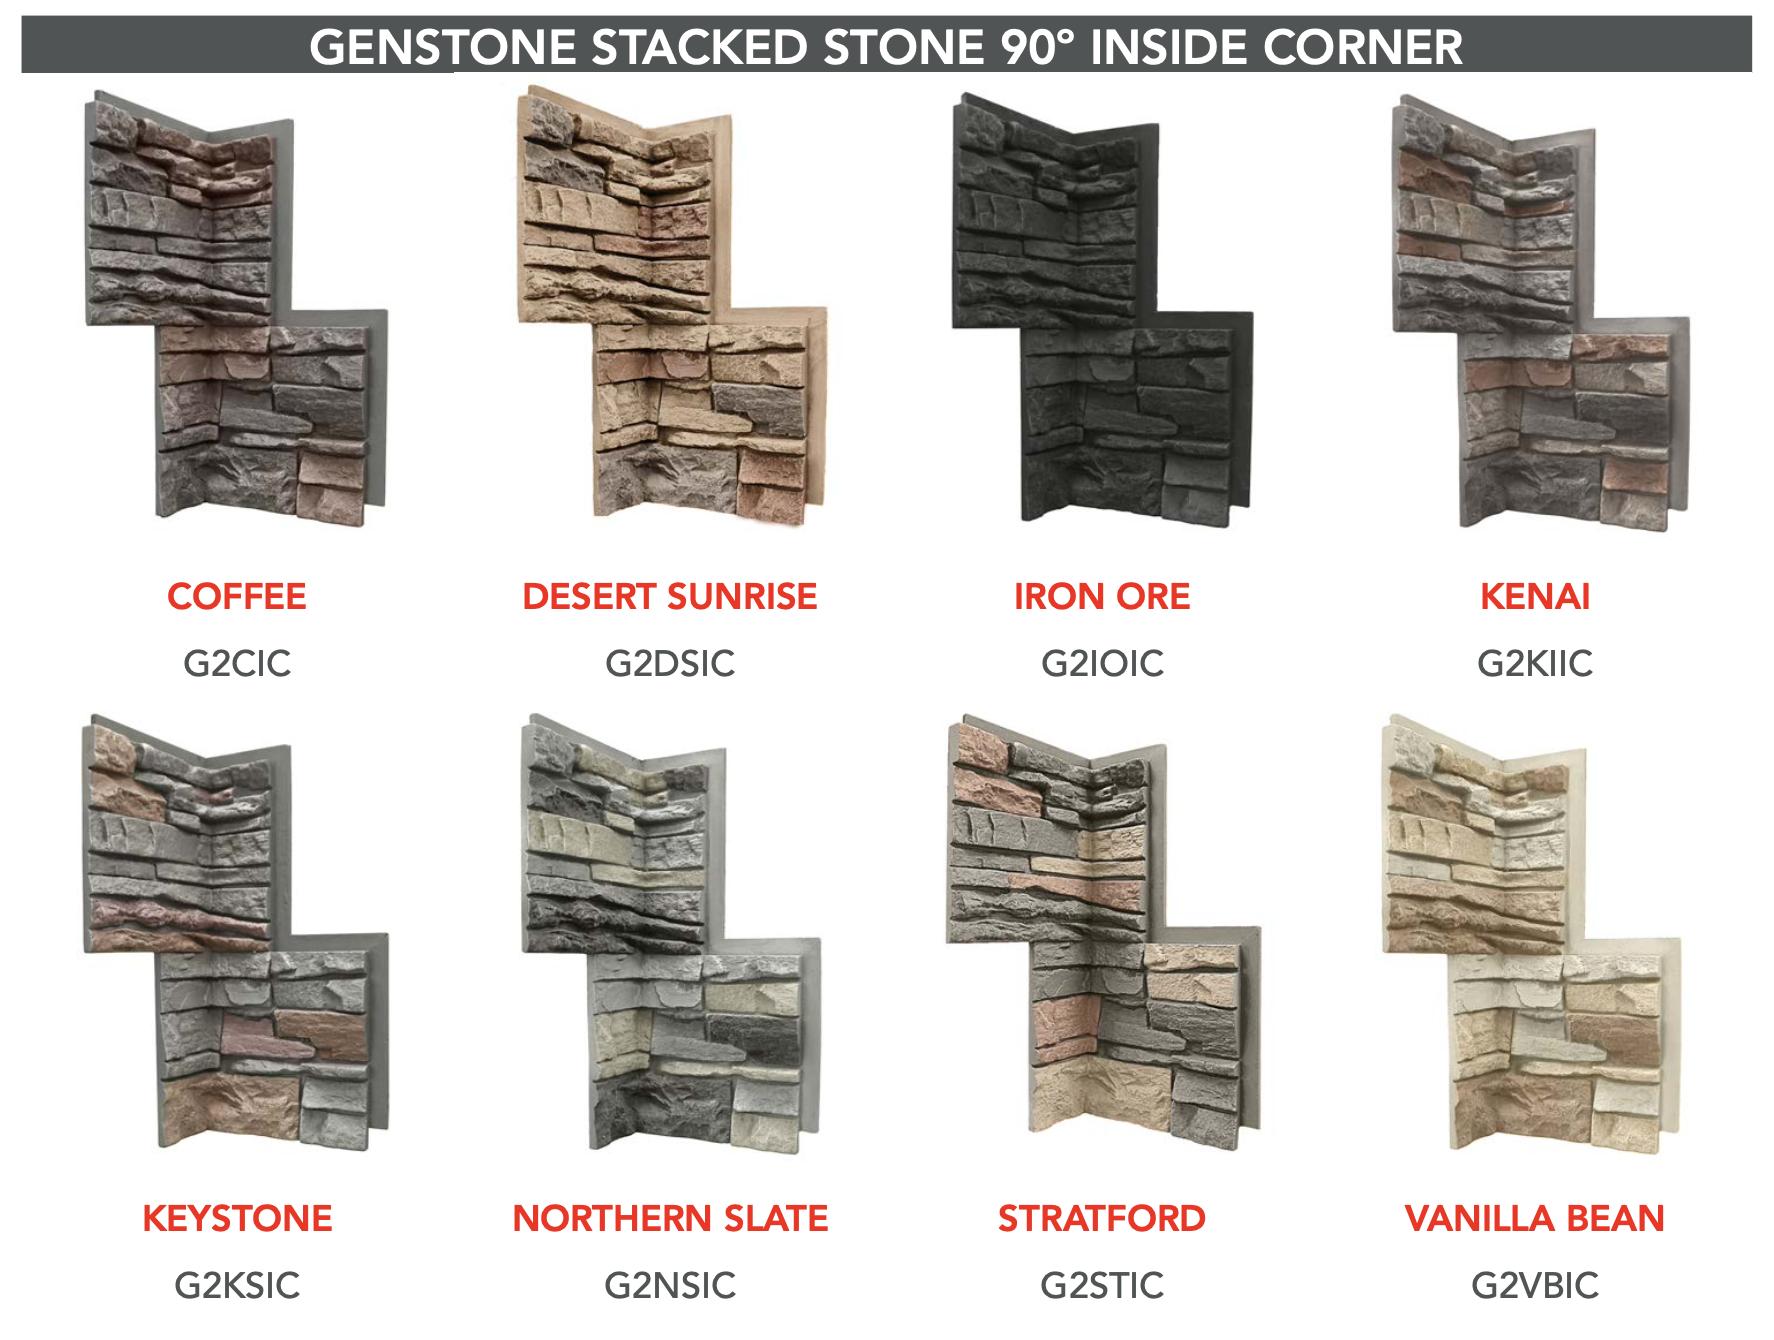 genstone-inside-corner.png